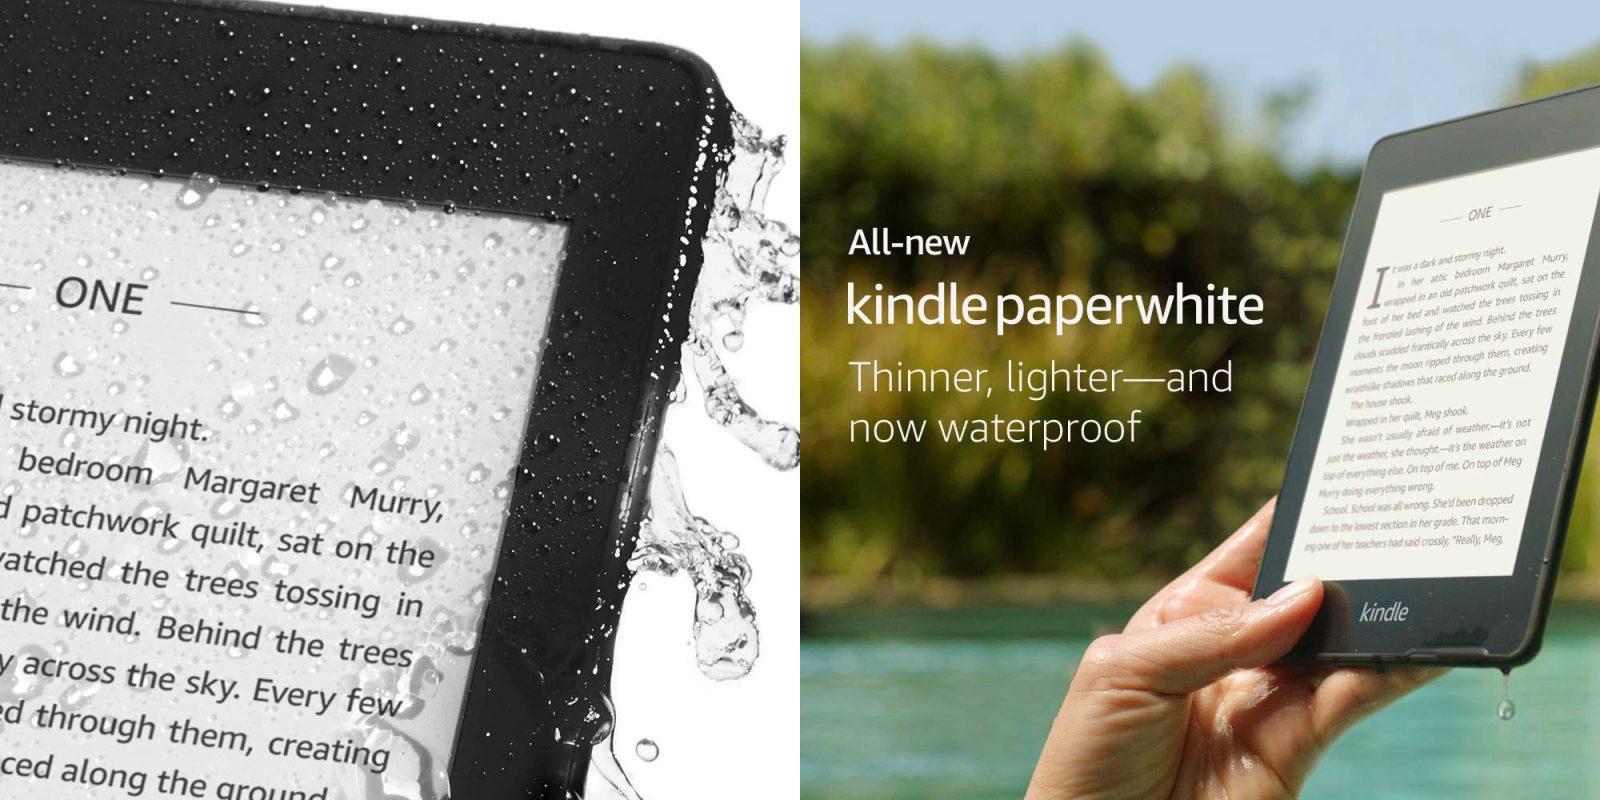 Amazon announces new Kindle Paperwhite - 9to5Toys